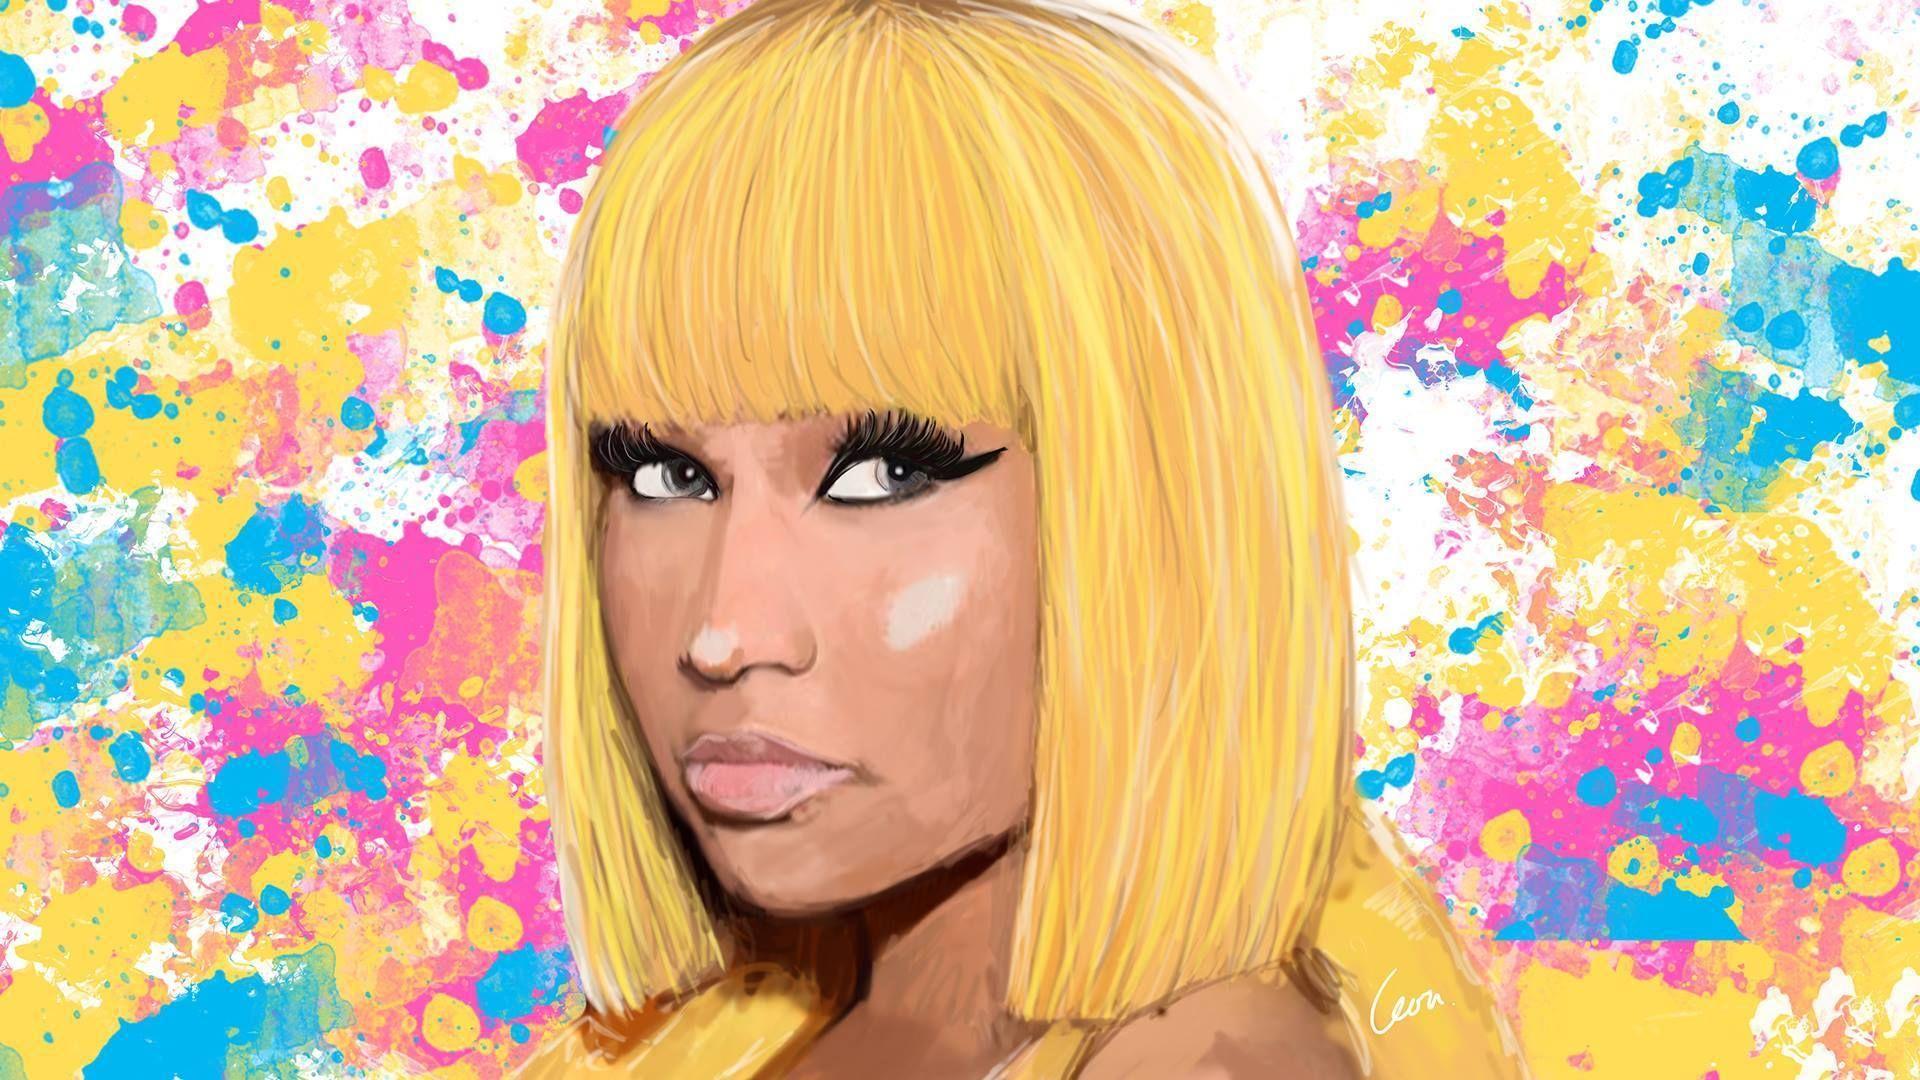 Nicki Minaj Free Wallpaper